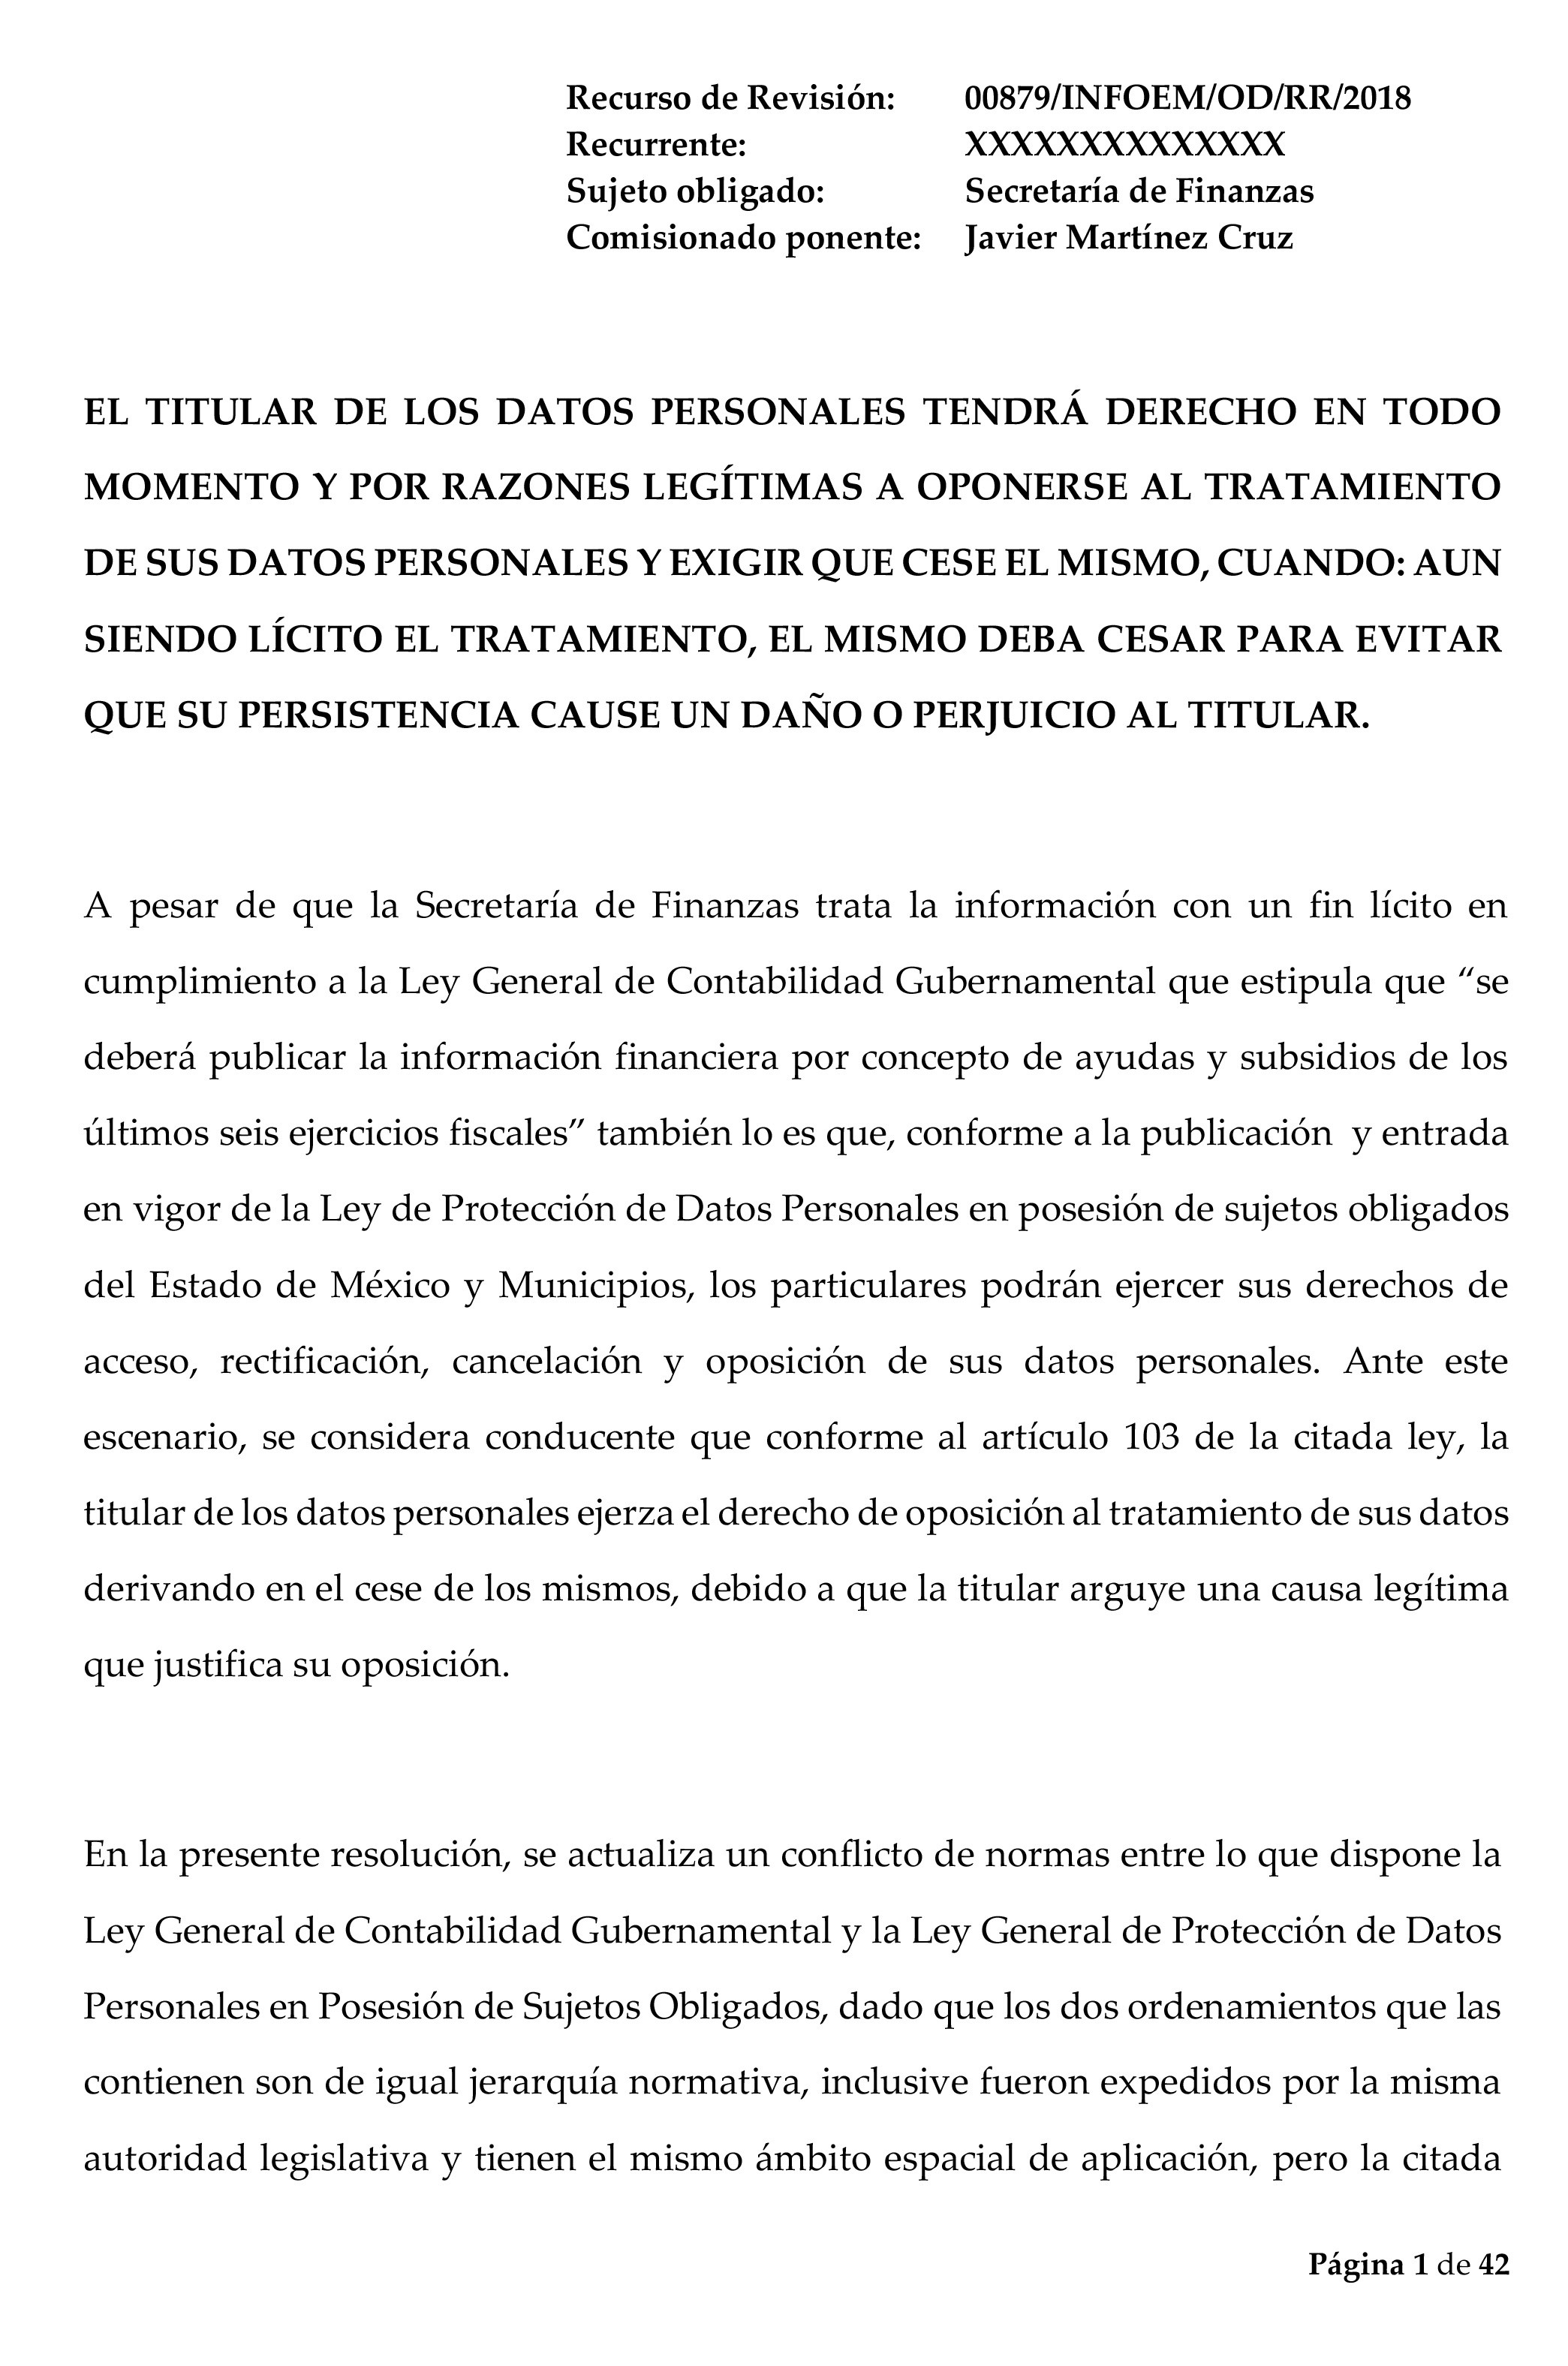 Instituto Veracruzano de Acceso a la Informaci³n y de Protecci³n de Datos Personales Archive